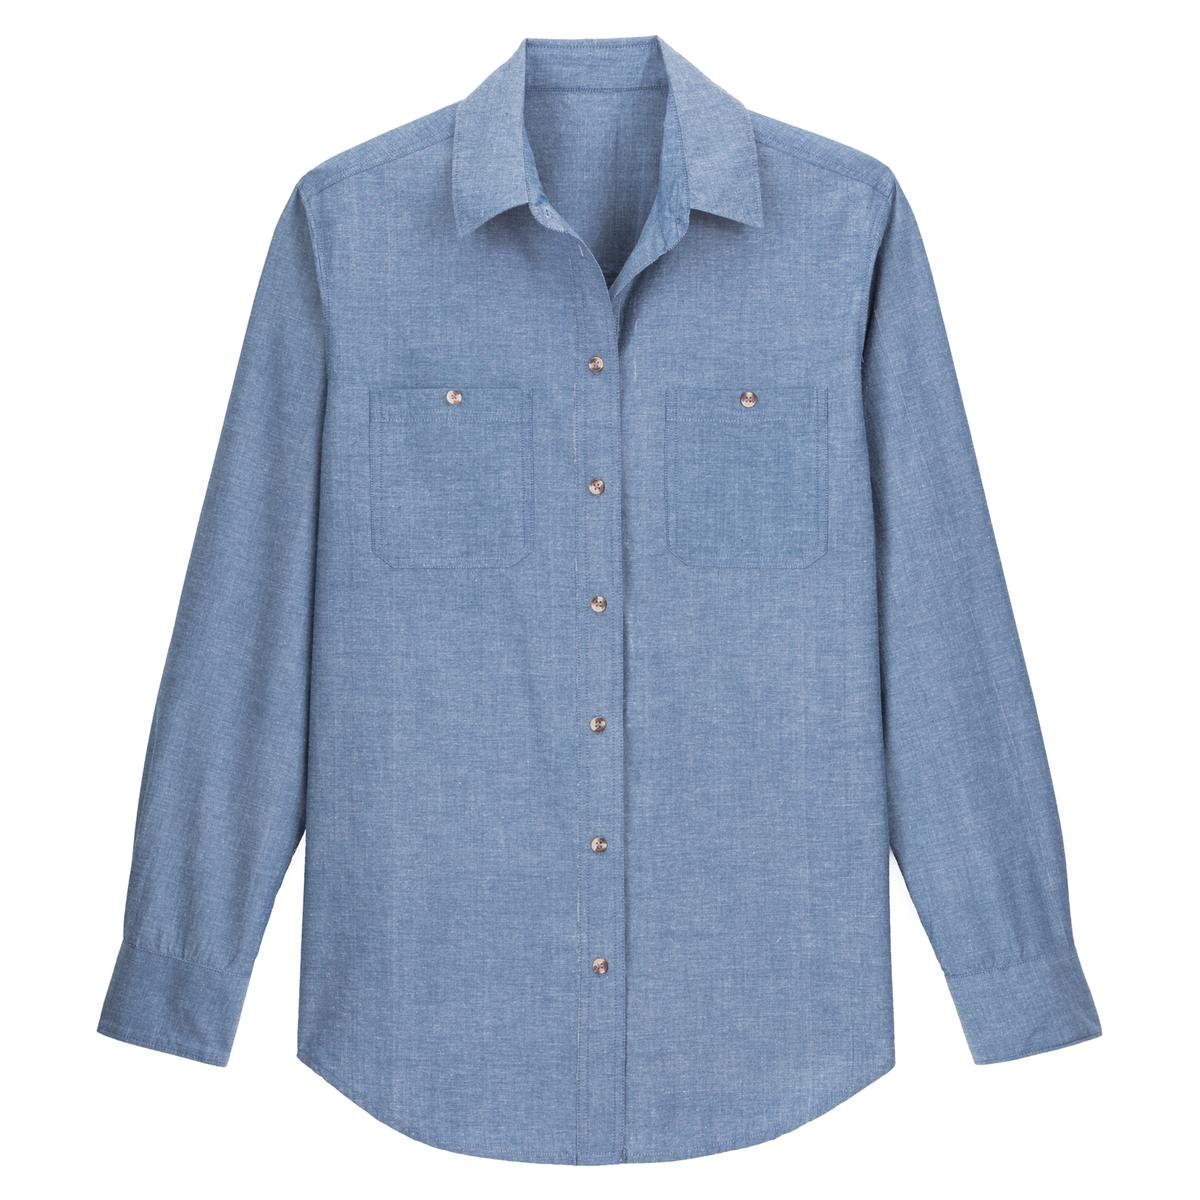 Camisa em puro algodão cambraia, mangas compridas